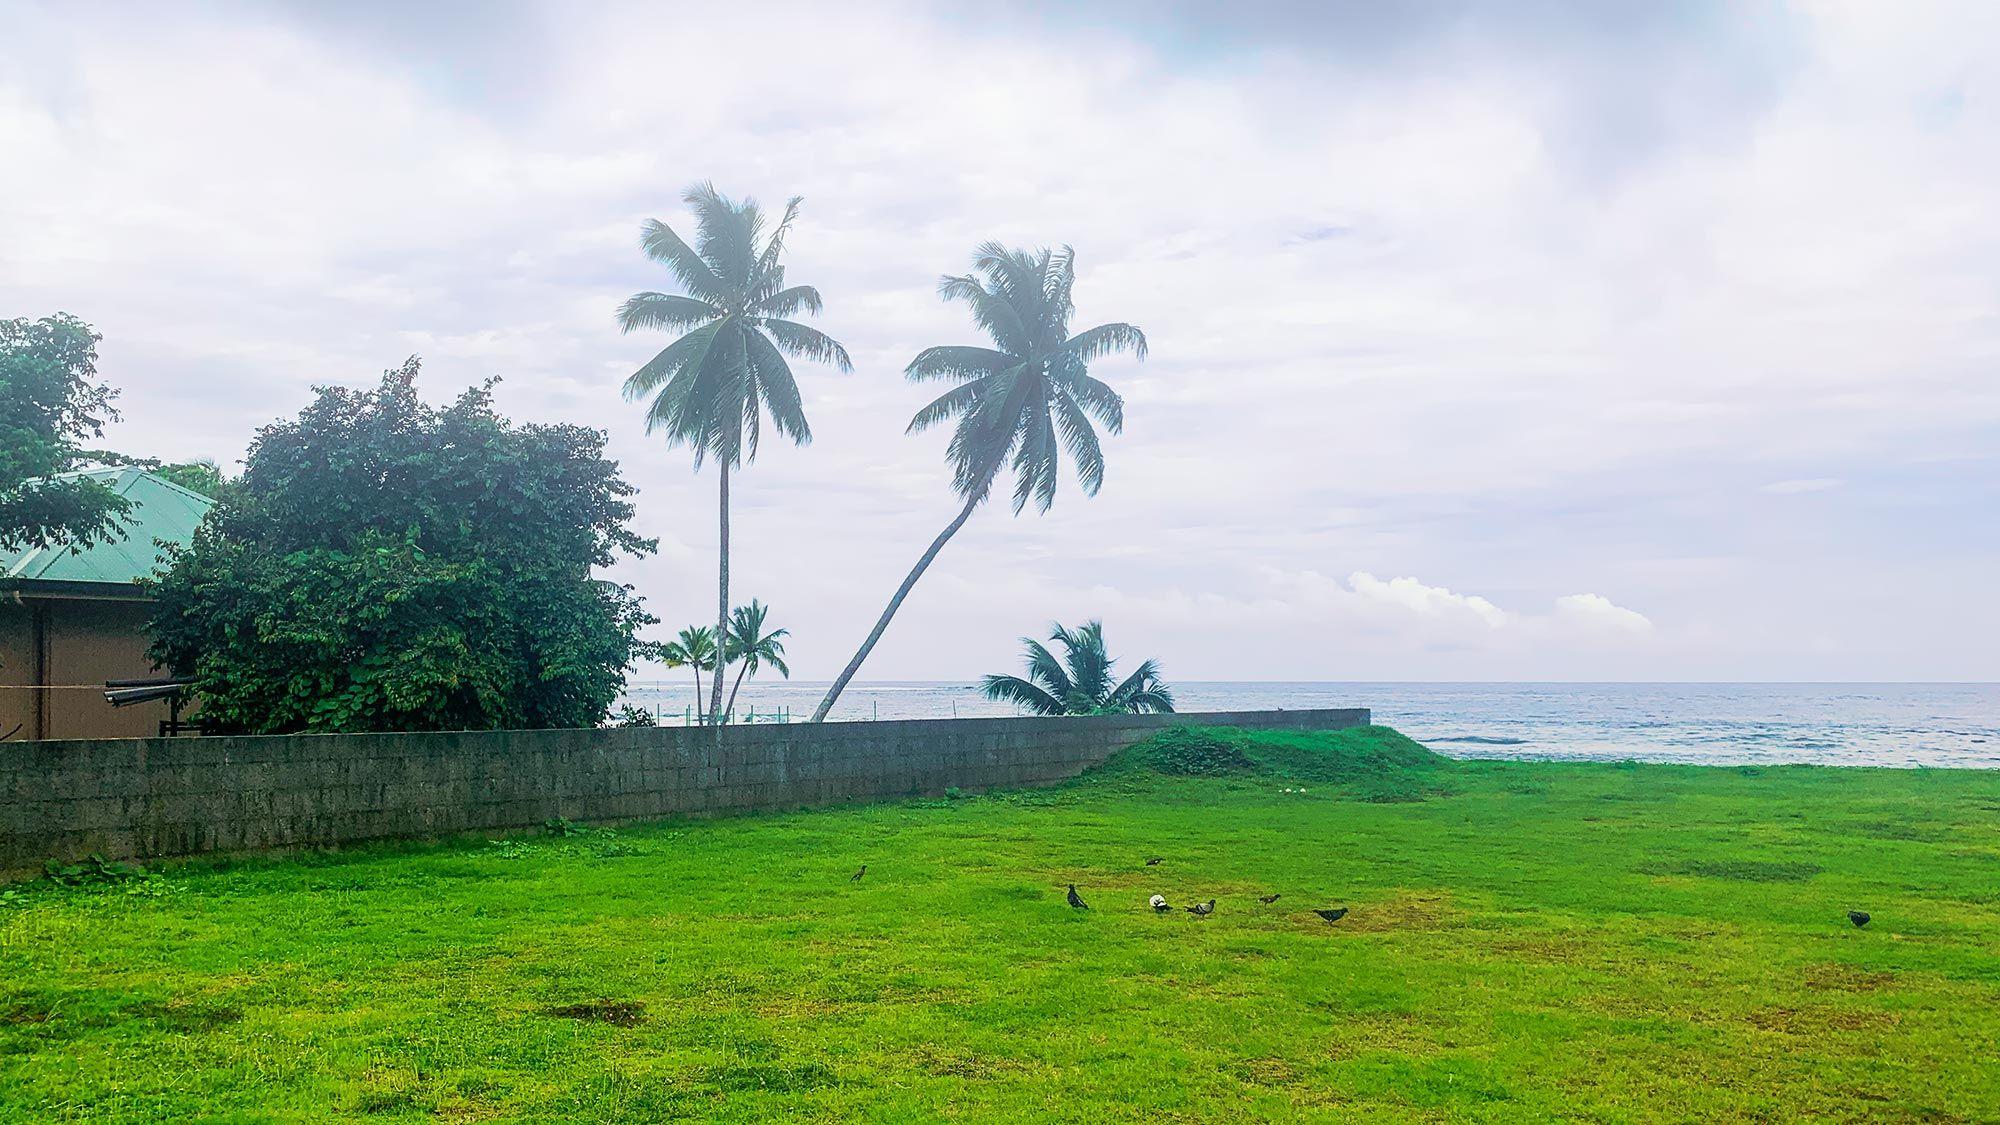 Tahiti Palmtrees